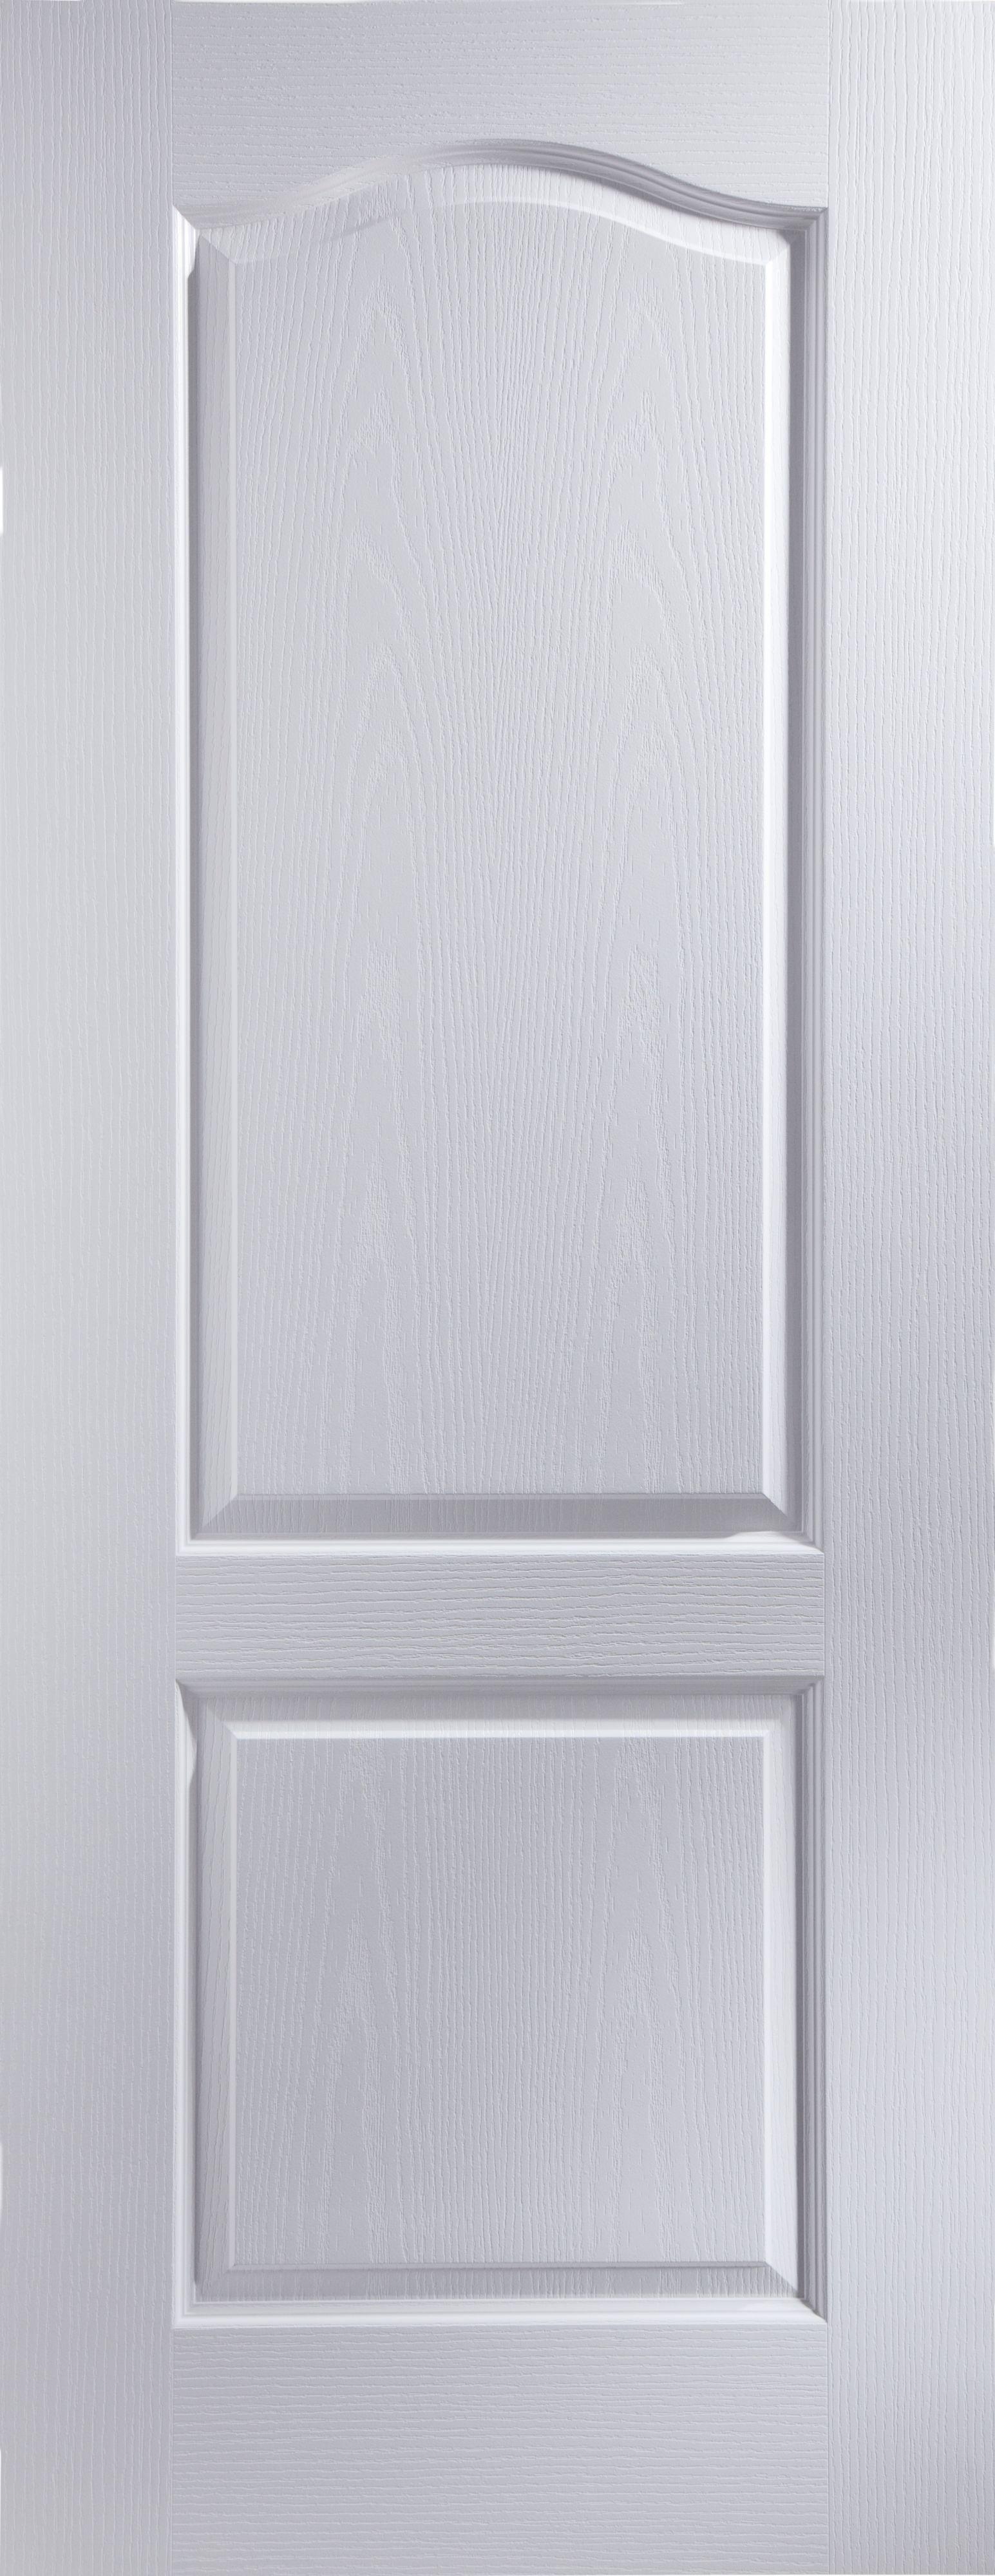 2 Panel Arched Primed Woodgrain Unglazed Internal Standard Door